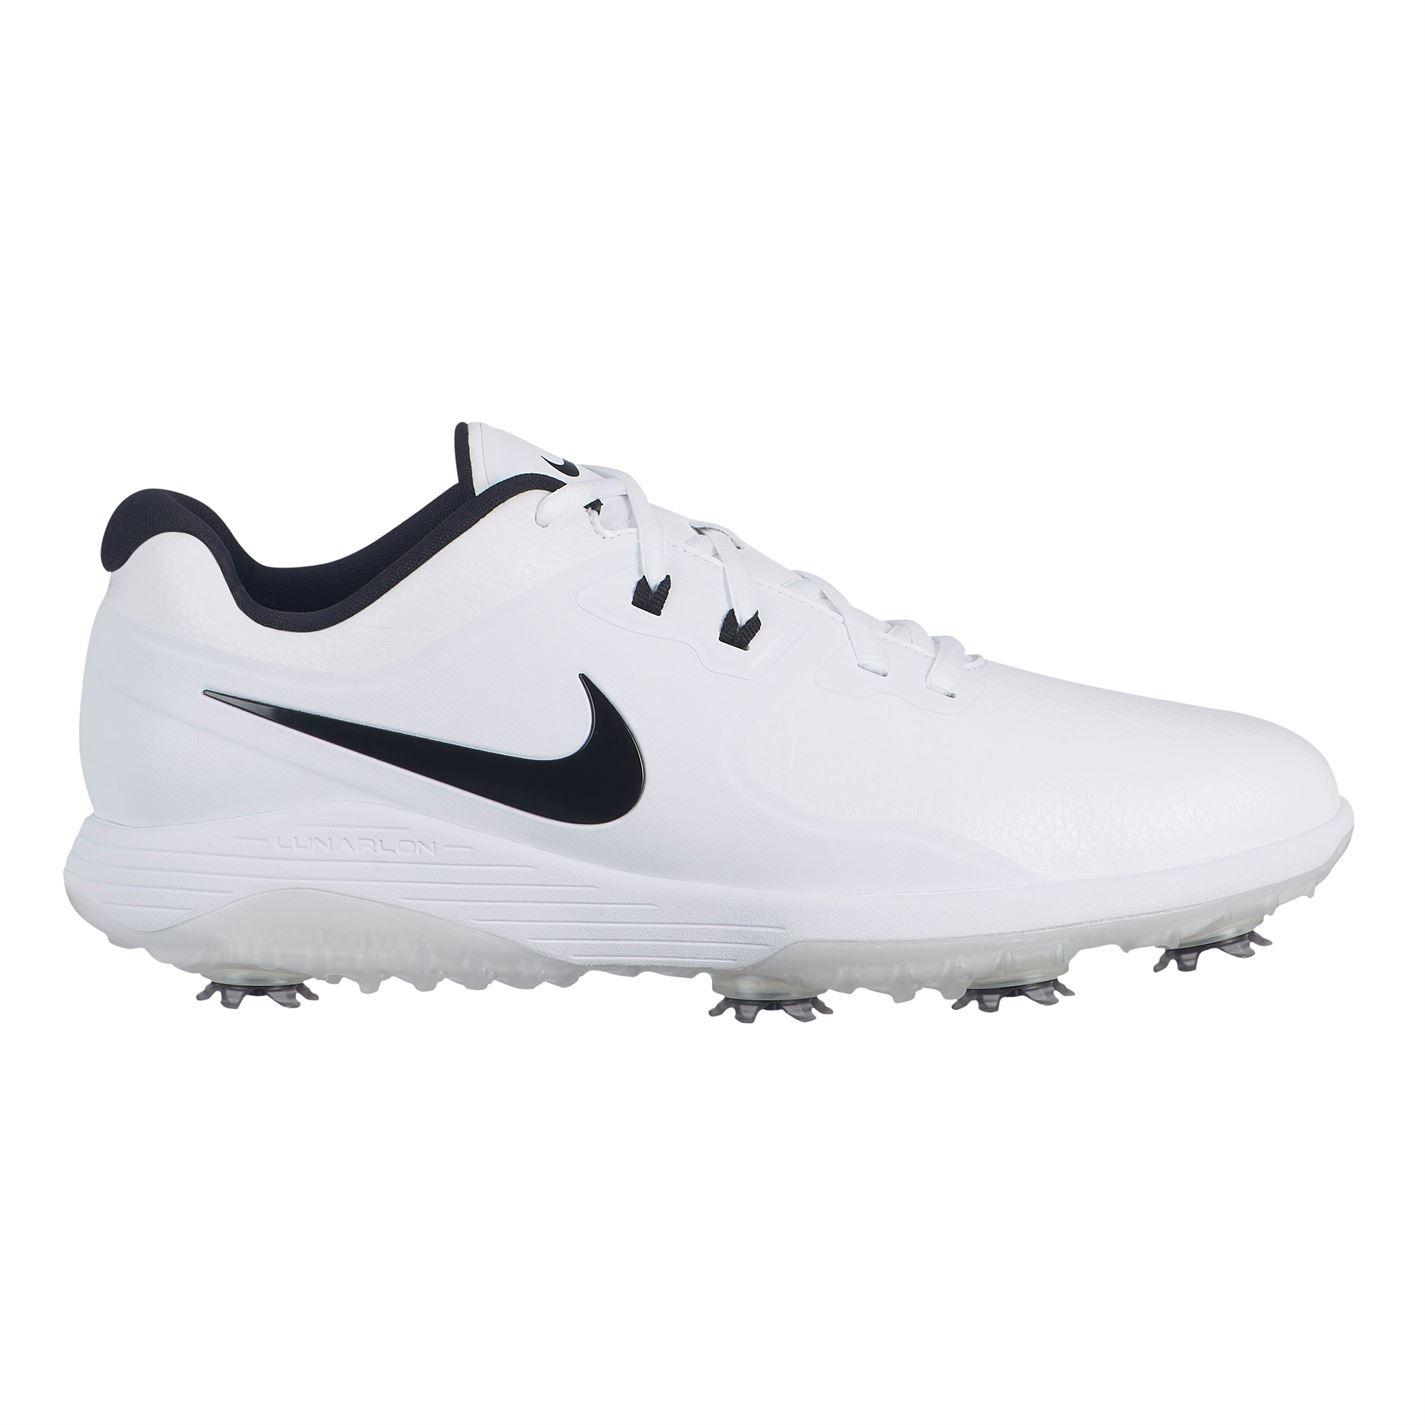 Nike Vapour Pro Shoes Mens